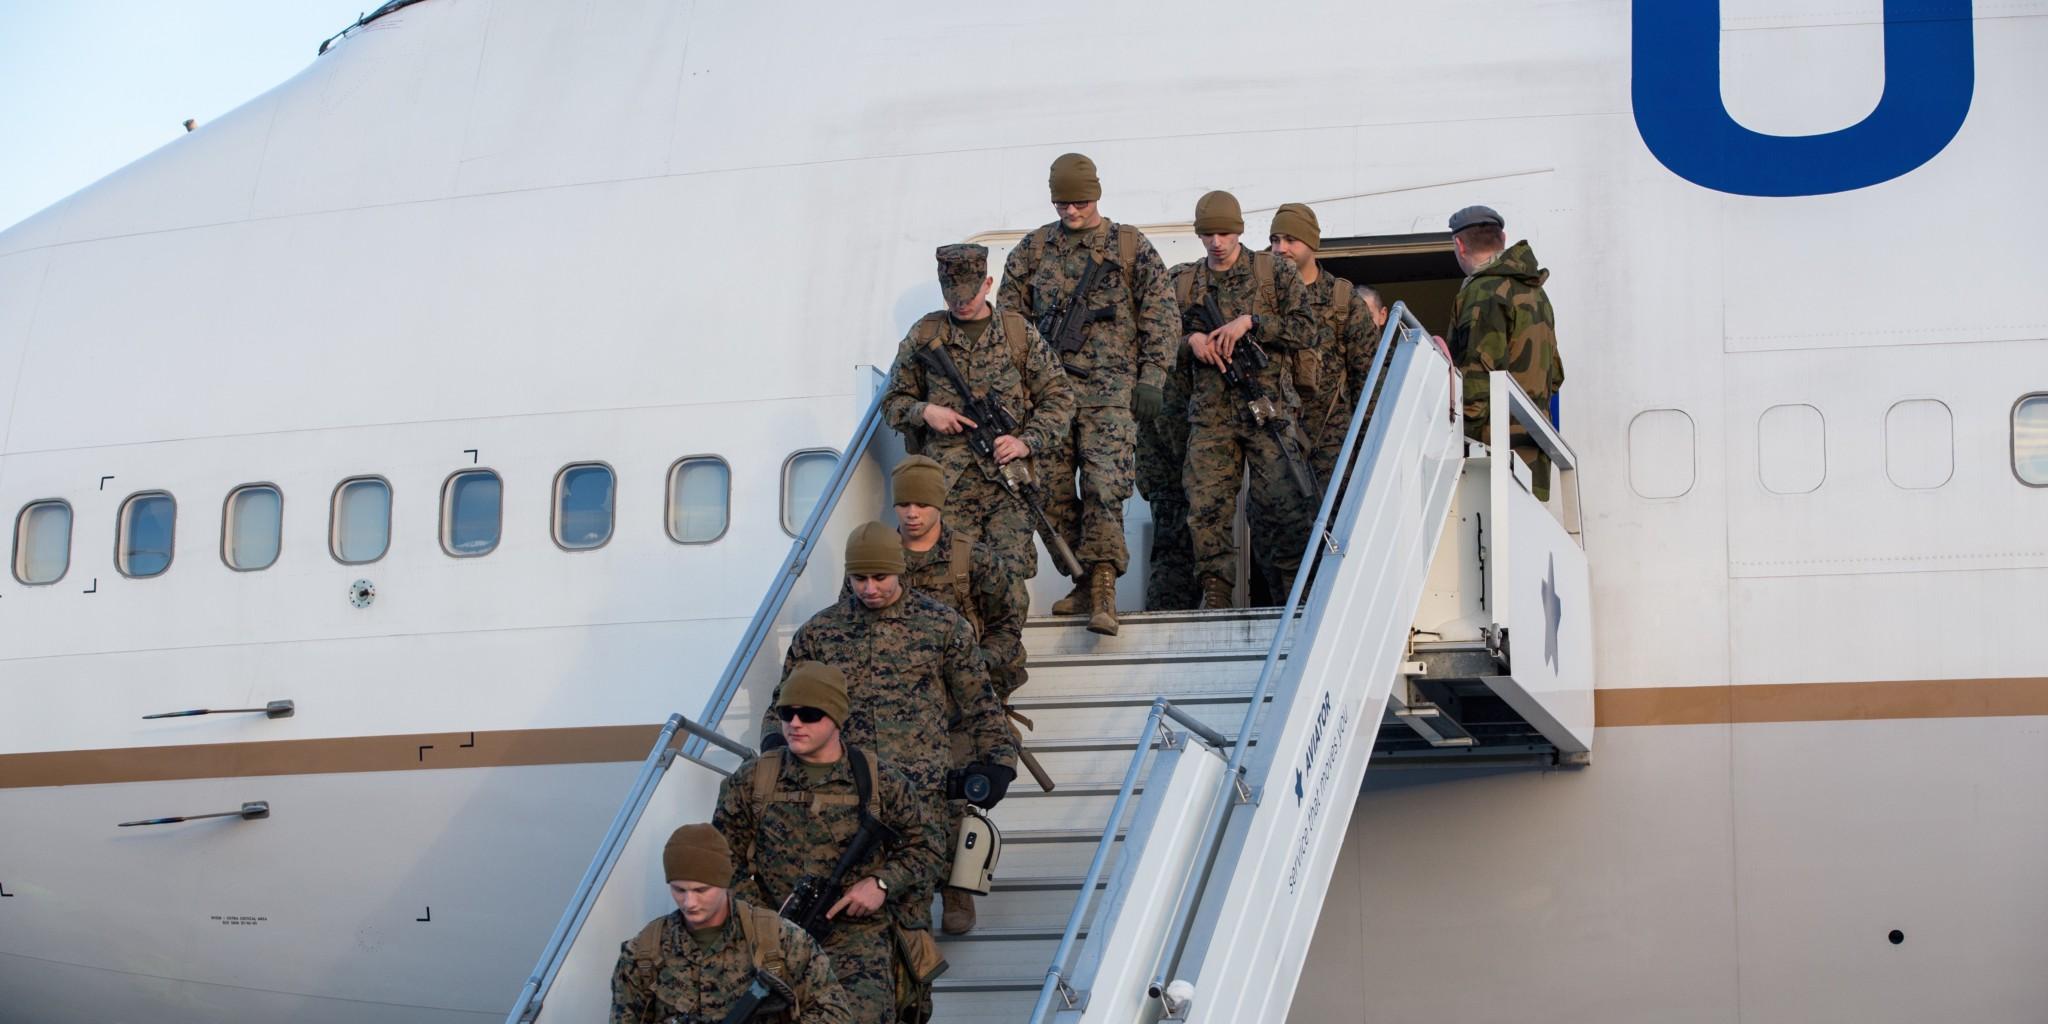 Takknemlig for Norges ja til flere styrker